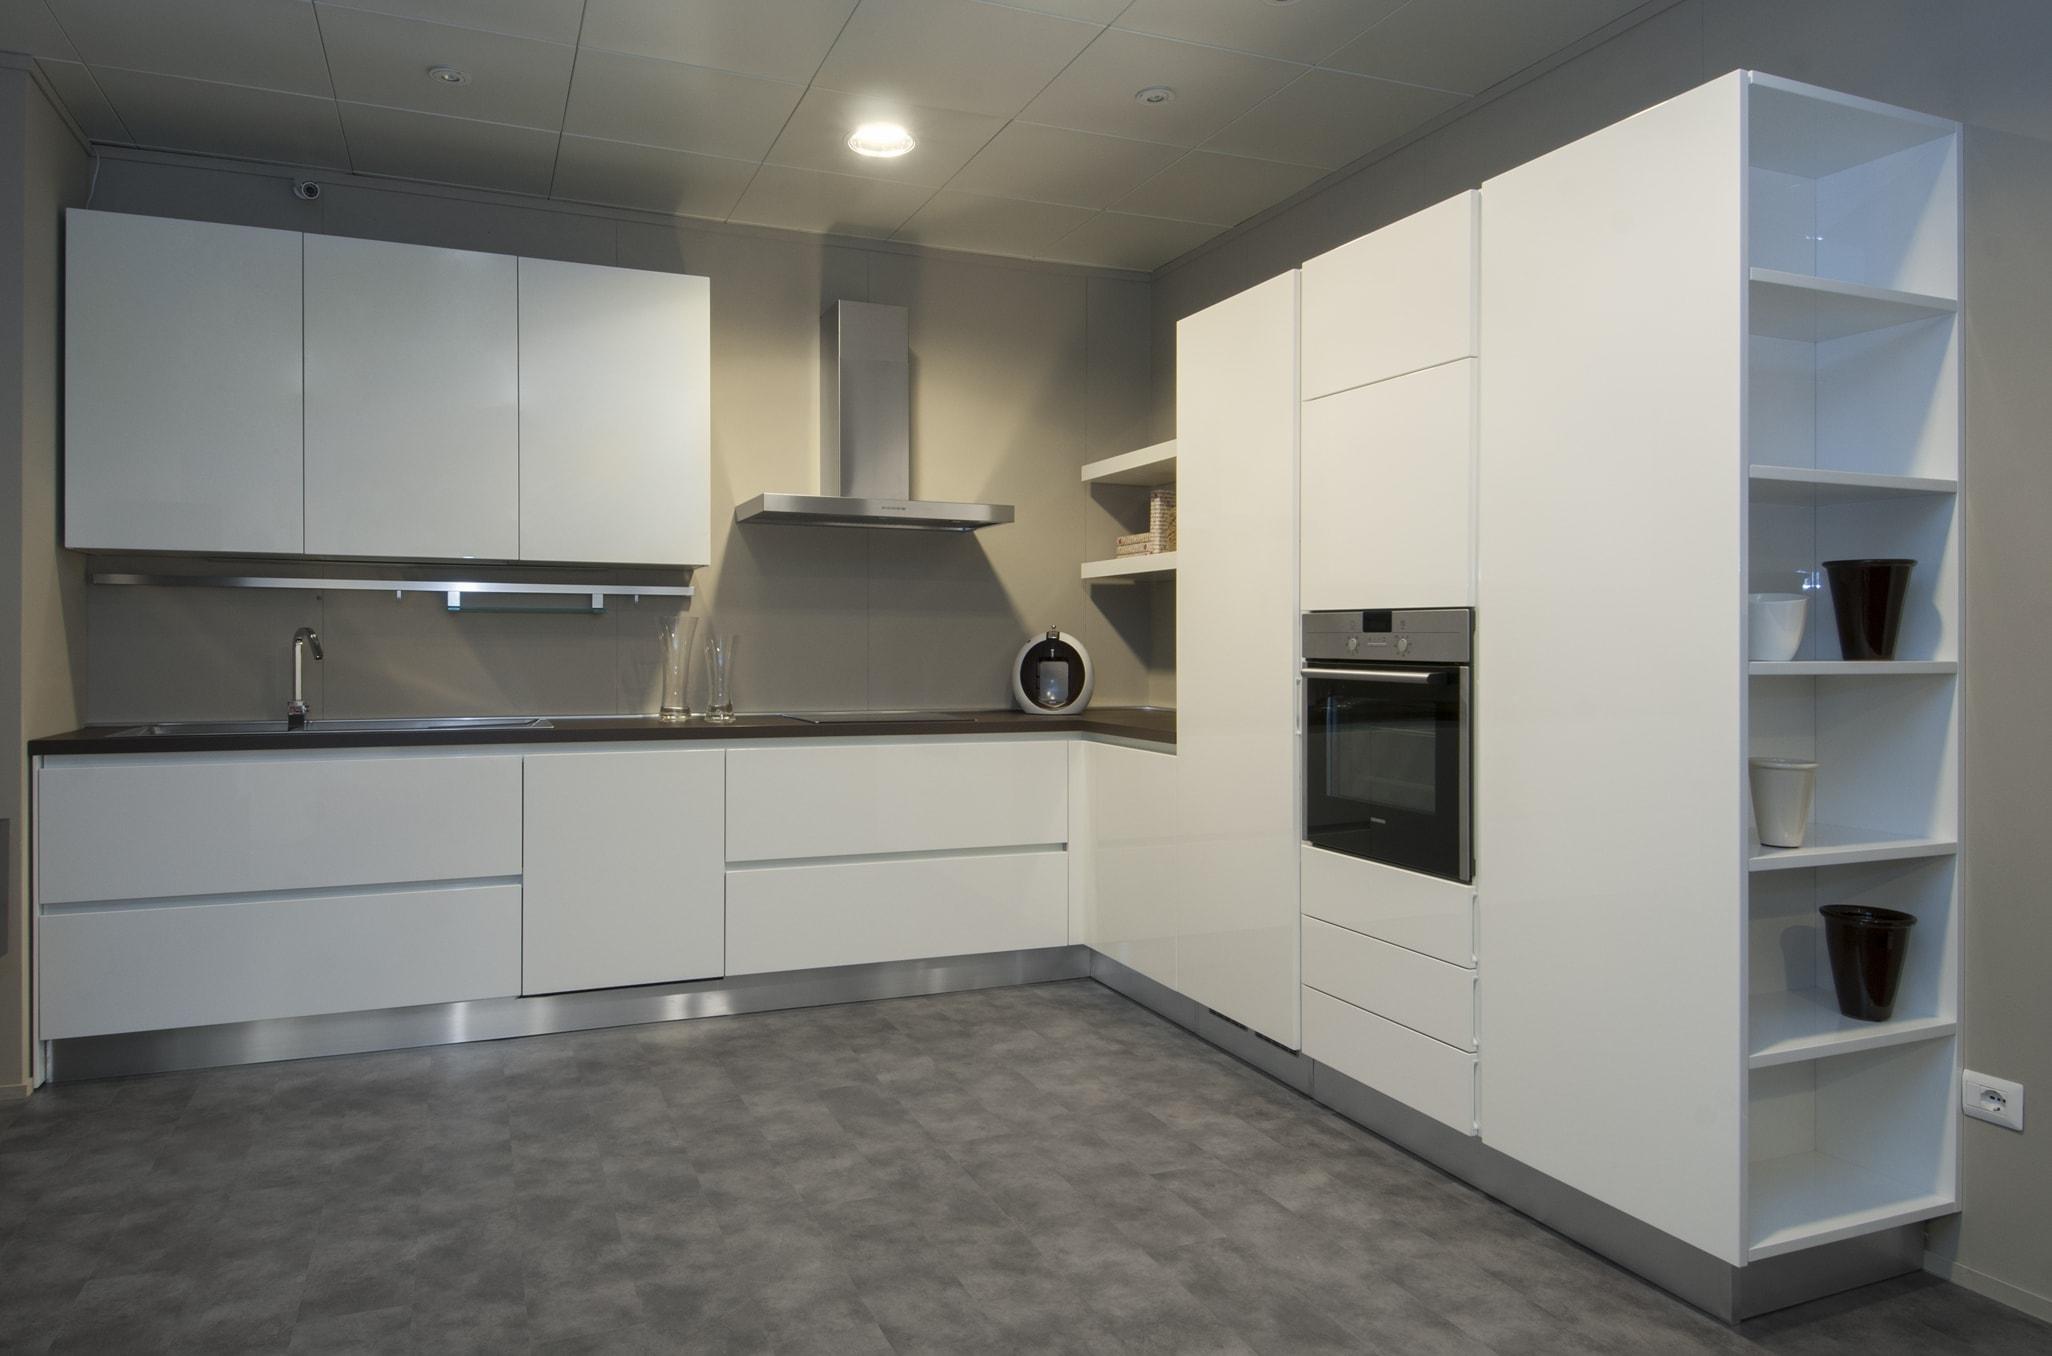 Berloni cucine cucina b50 design laccato lucido bianca - Prezzi cucine berloni ...